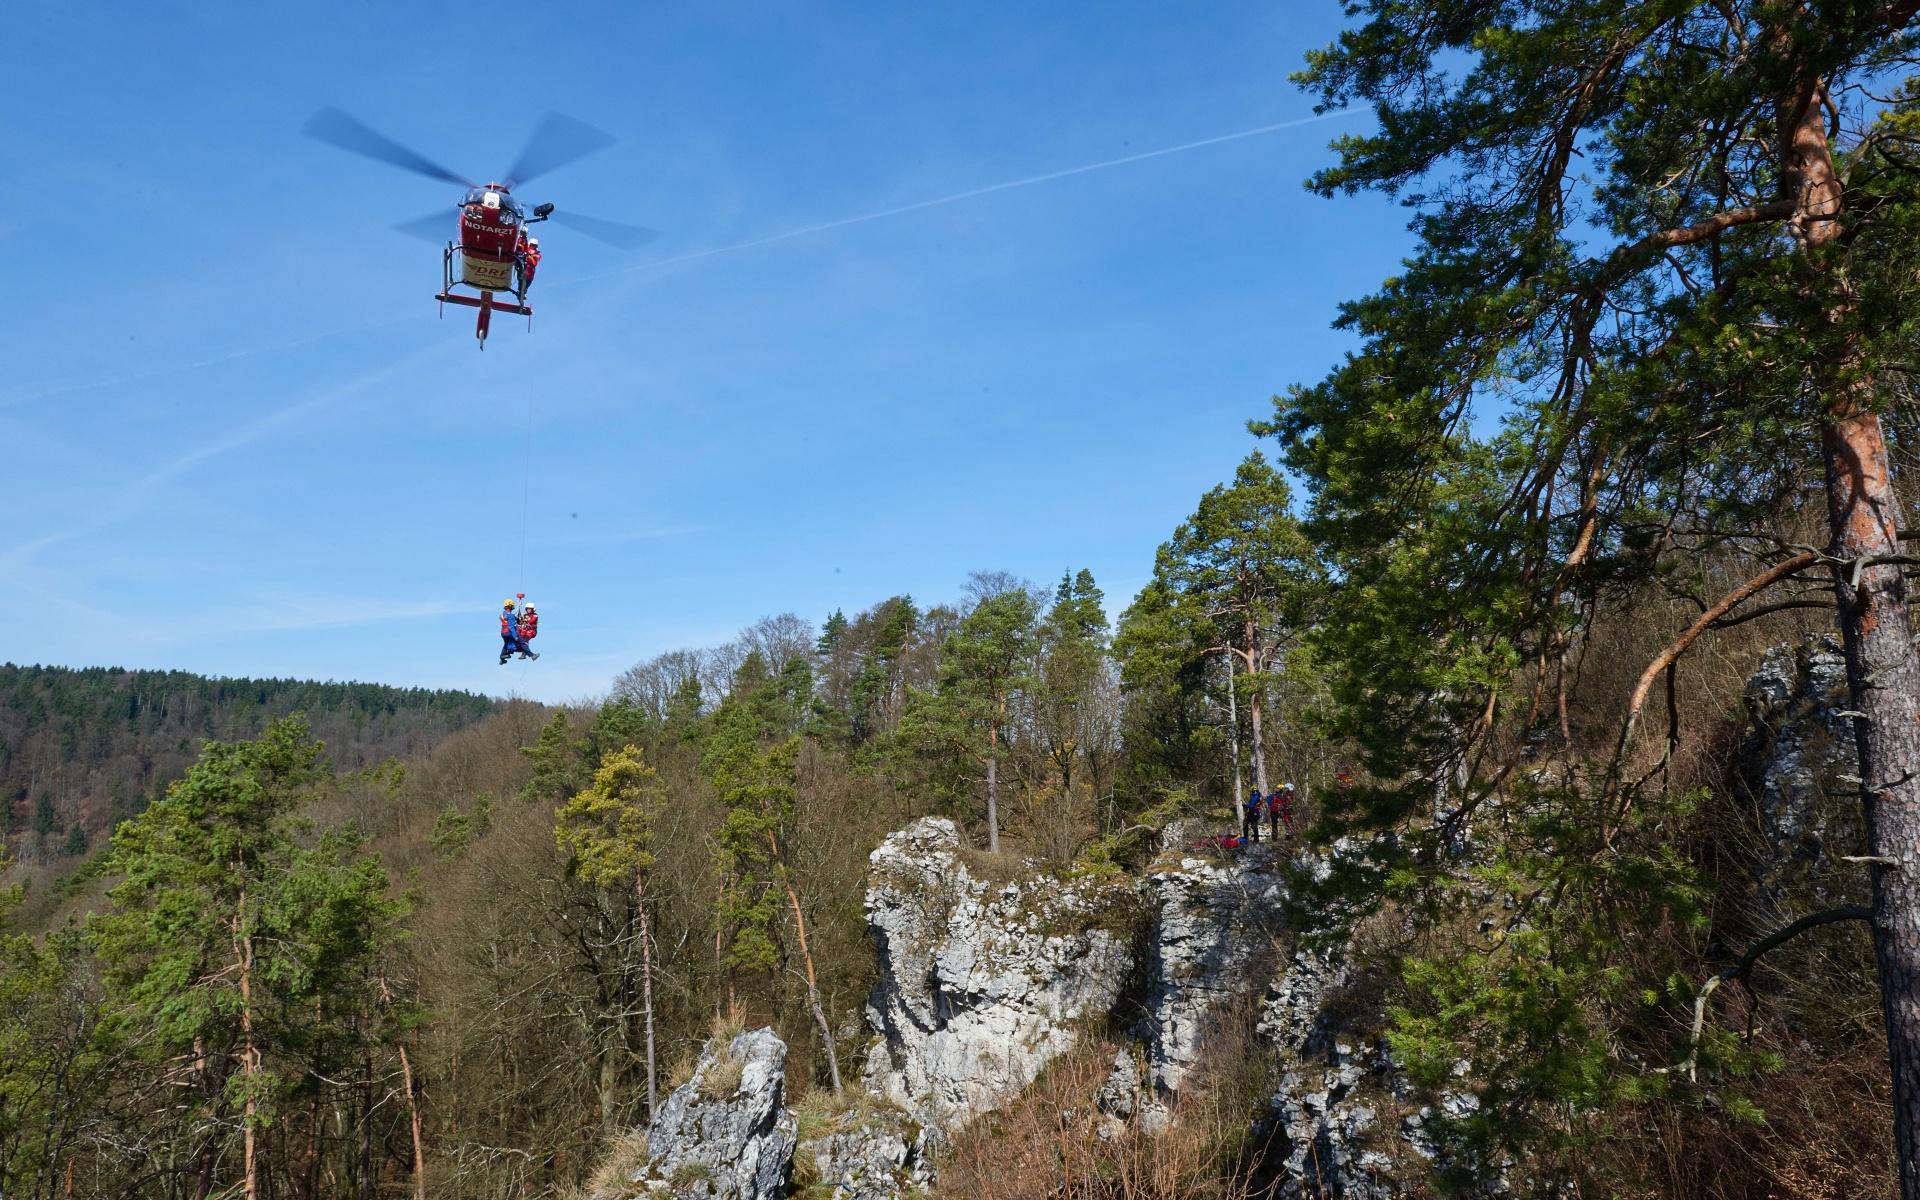 Bei der Rettung eines abgestürzten Kletterers kam die Rettungswinde von Christoph 27 zum Einsatz. Symbolfoto.